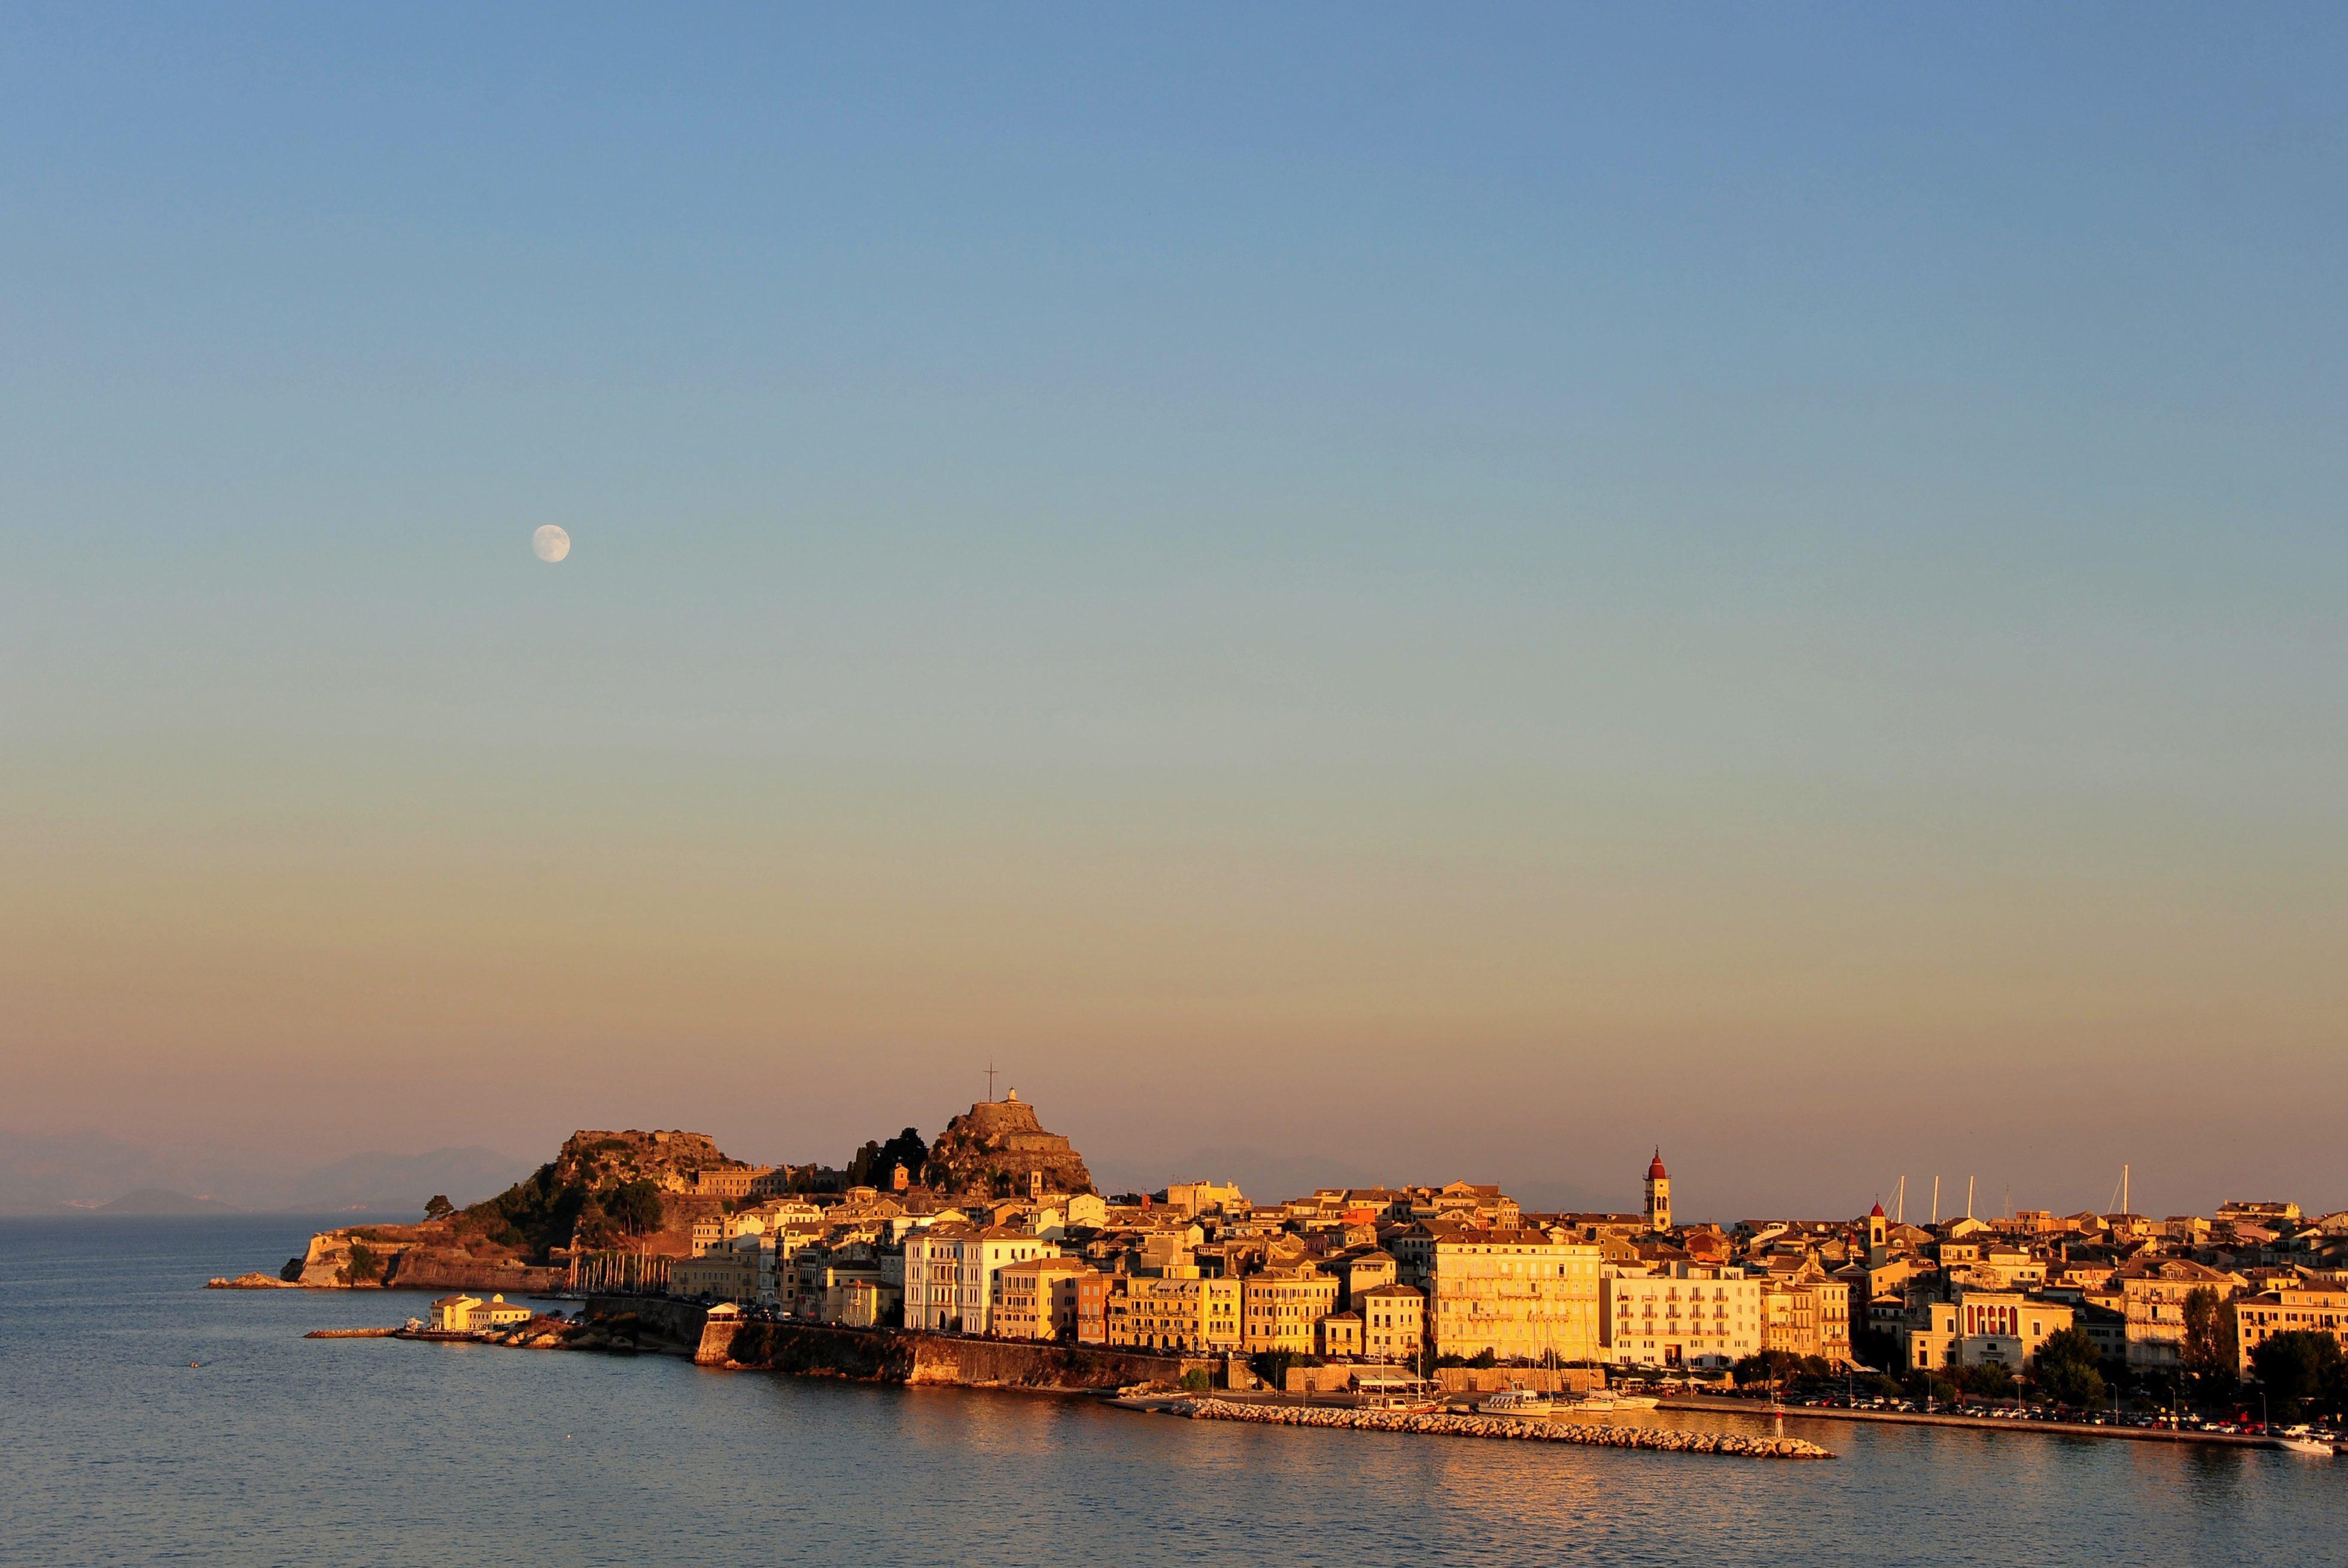 Corfu. Credit: PA